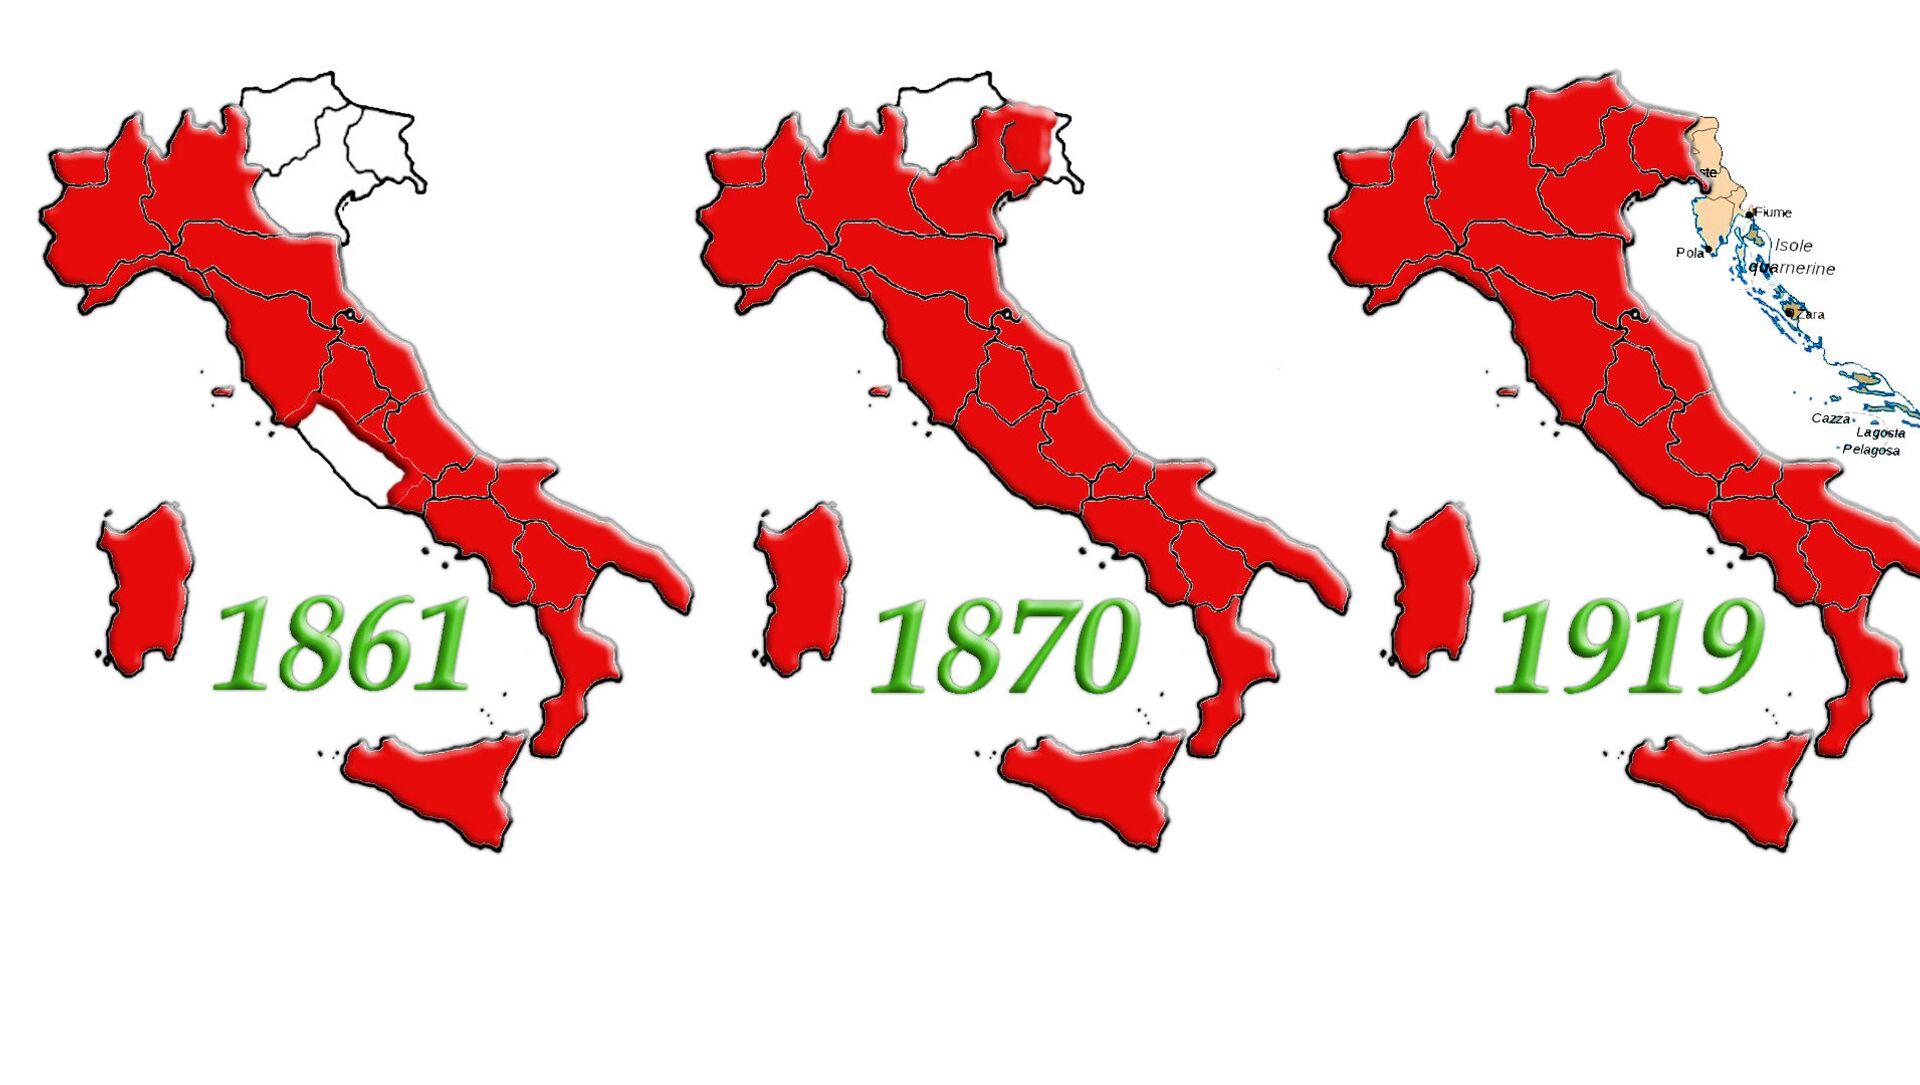 Evoluzione dell'Unità d'Italia dalla proclamazione del Regno alla Conferenza di Parigi dopo la Prima Guerra Mondiale - Sputnik Italia, 1920, 17.03.2021